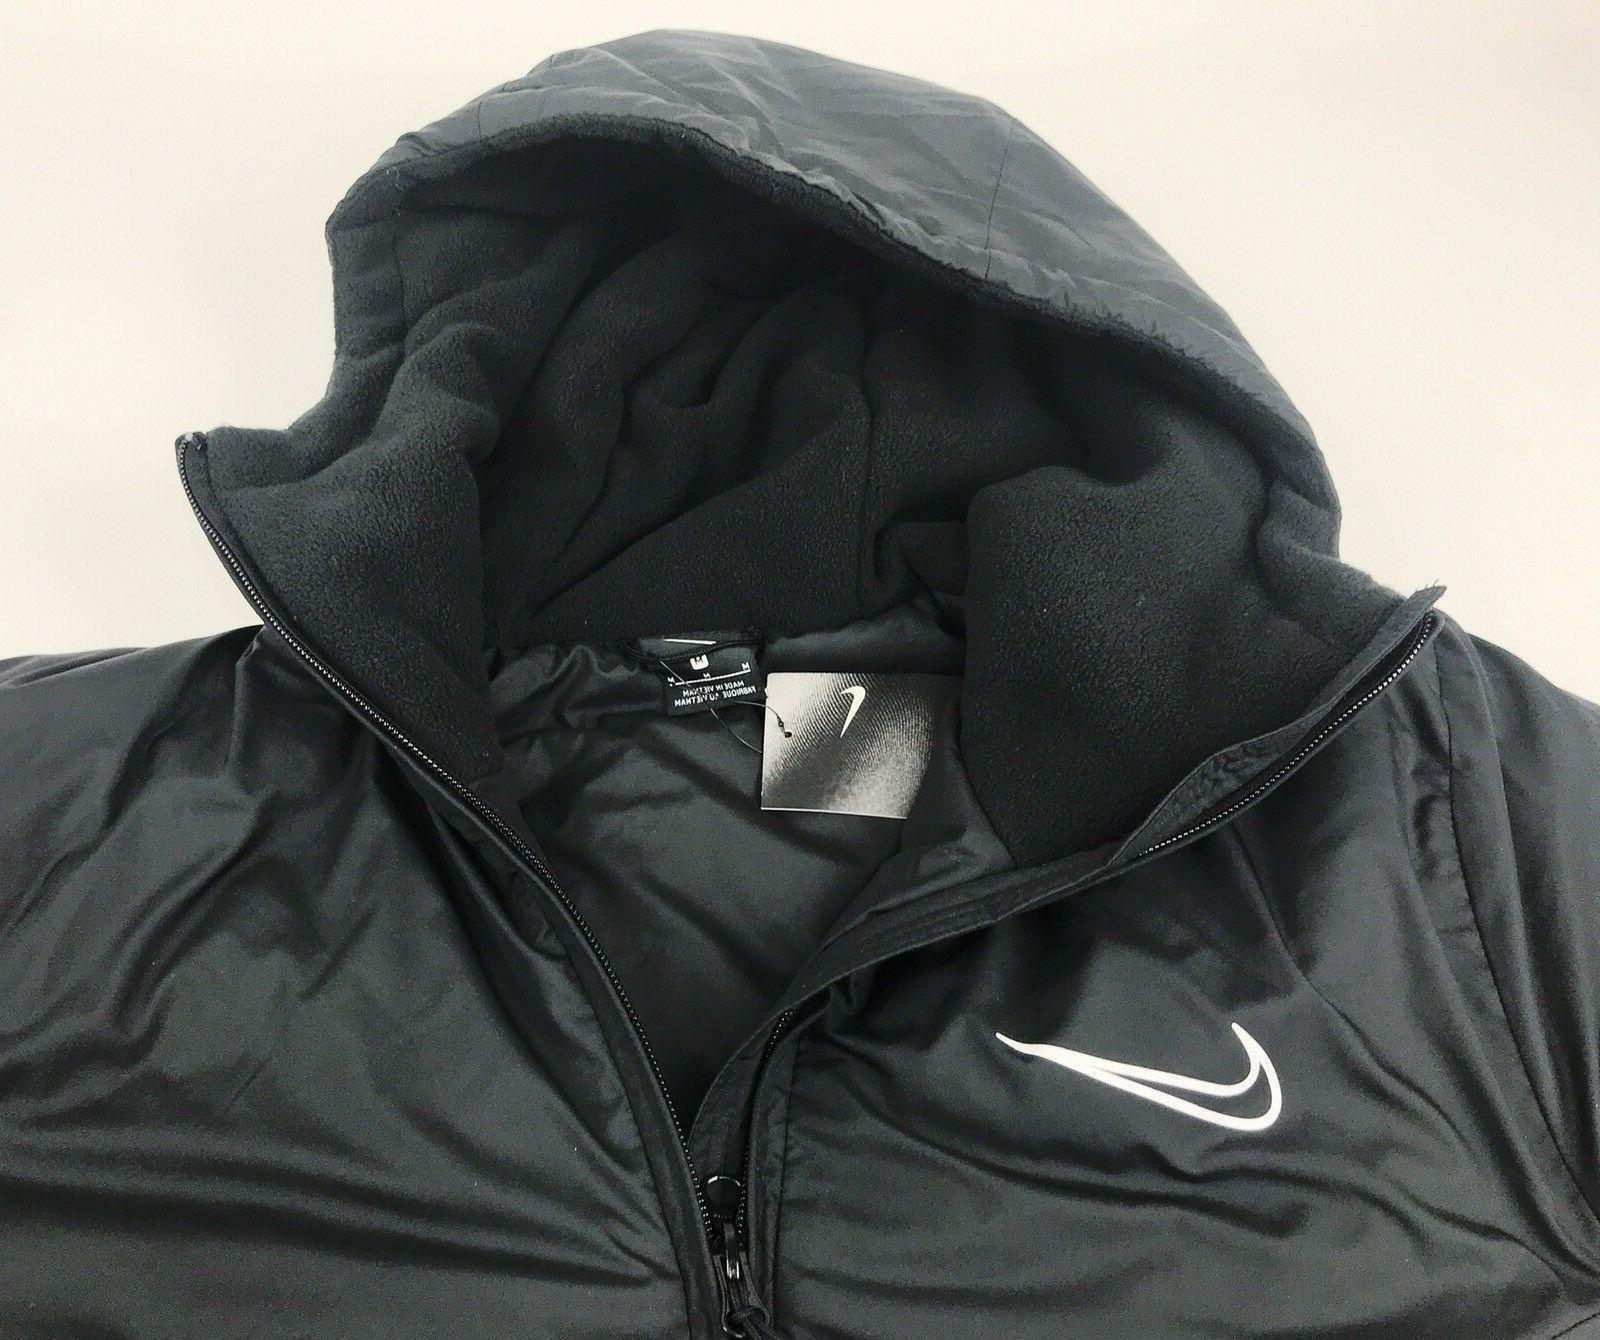 Nike Synthetic Jacket Zip